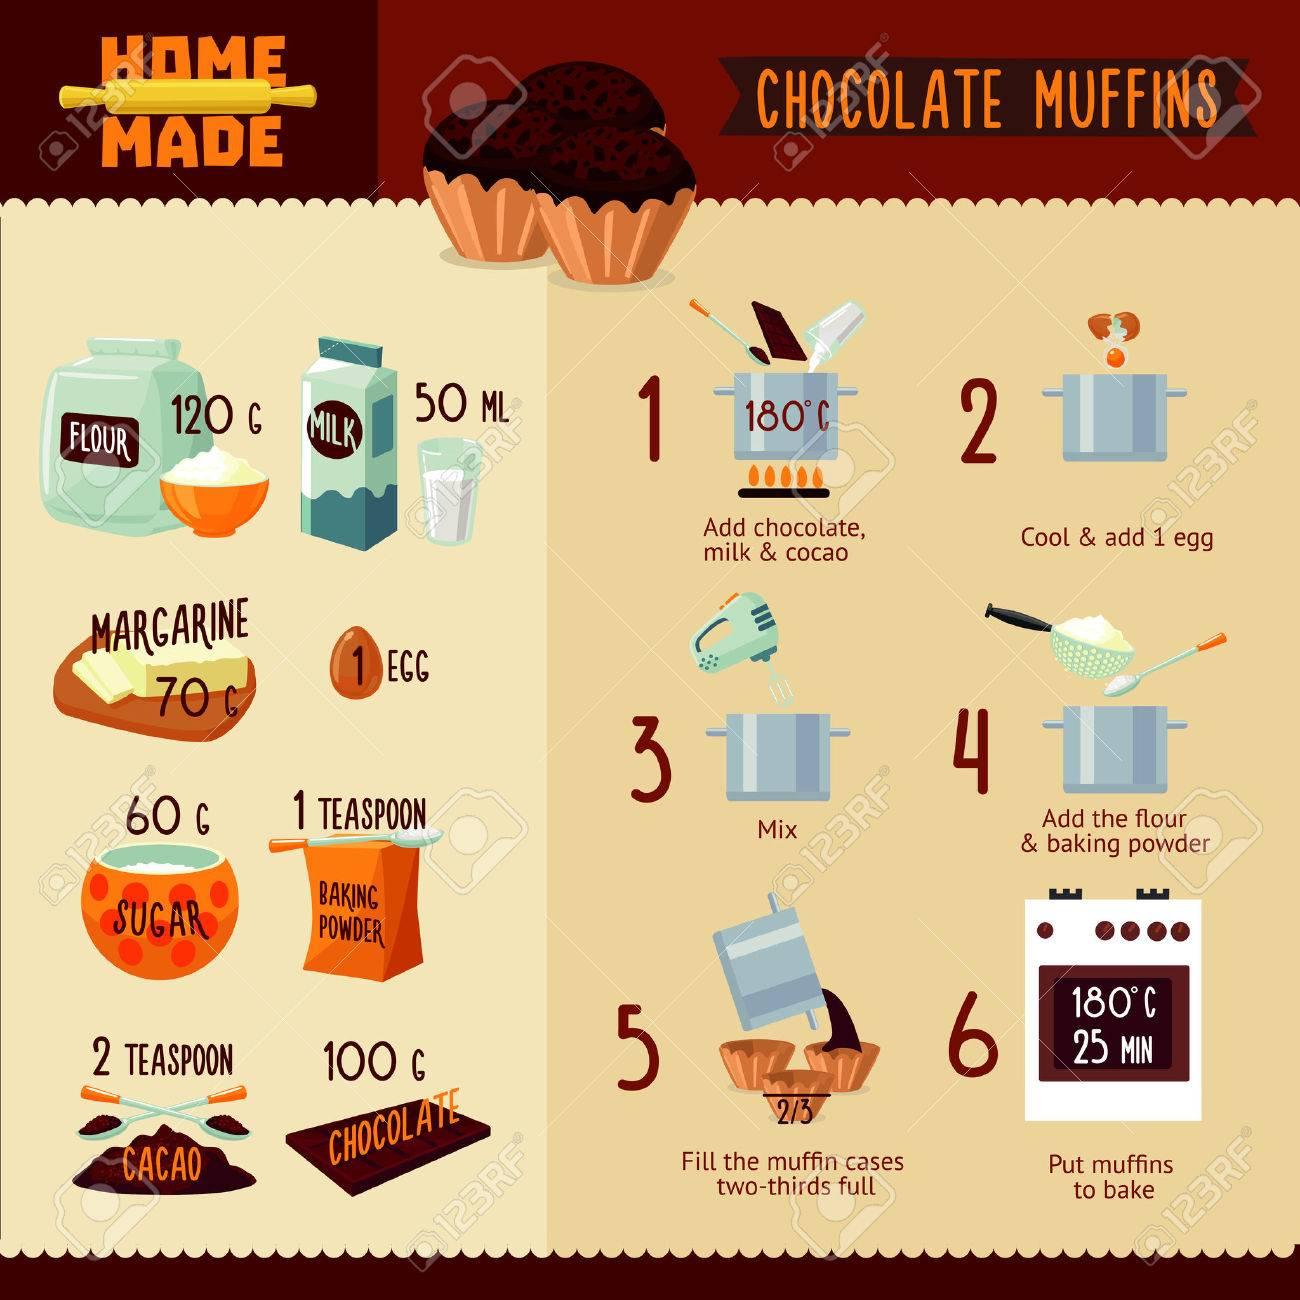 Schokolade Muffins Rezept infografischen Konzept mit Zutaten und Stadien der Vorbereitung Vektor-Illustration. Standard-Bild - 75650424